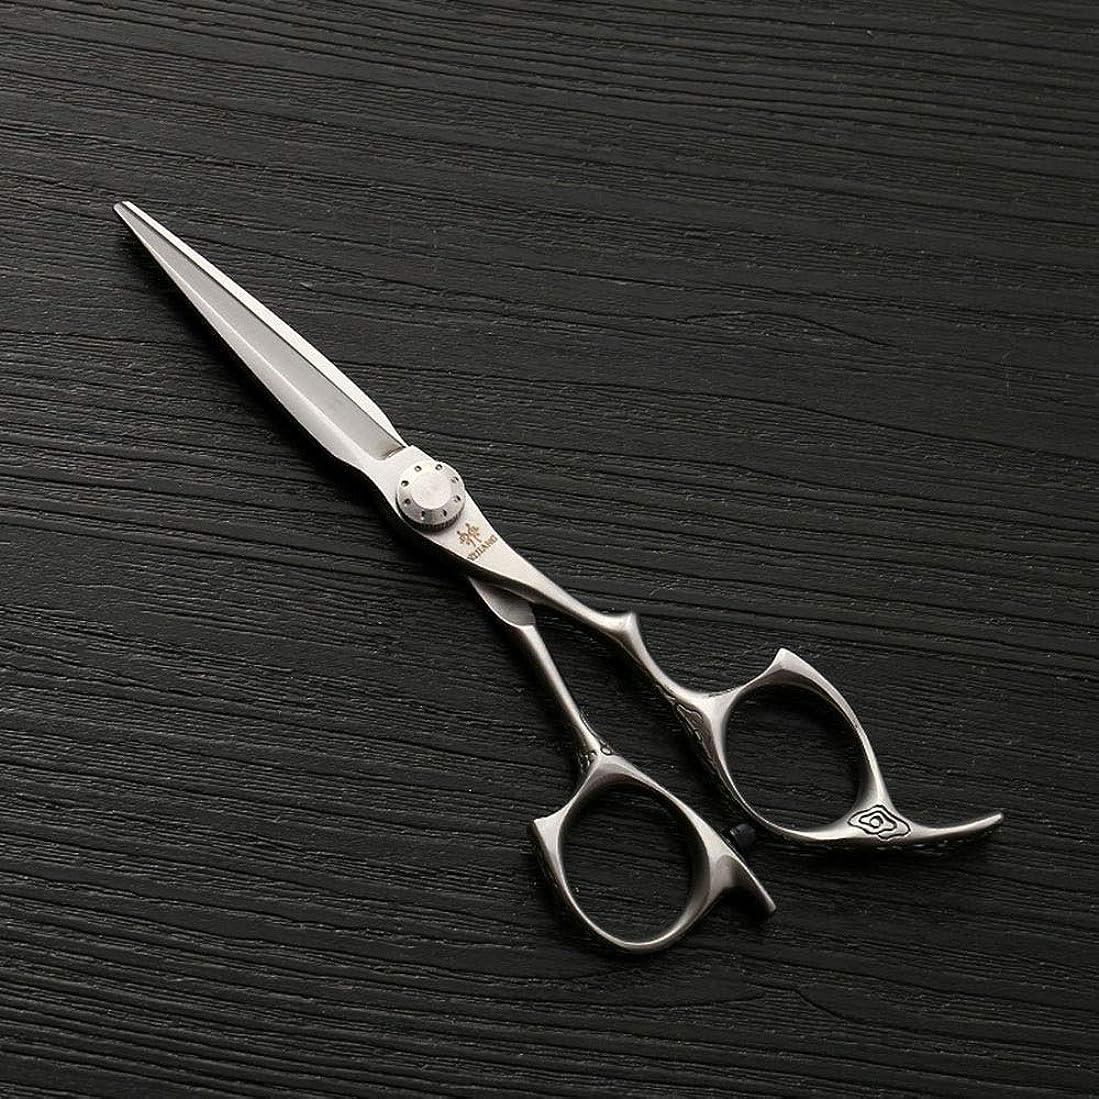 満足包括的品5.5インチステンレス鋼プロフェッショナルフラットせん断、新しいバリカン、ヘアスタイリスト理髪はさみ モデリングツール (色 : Silver)